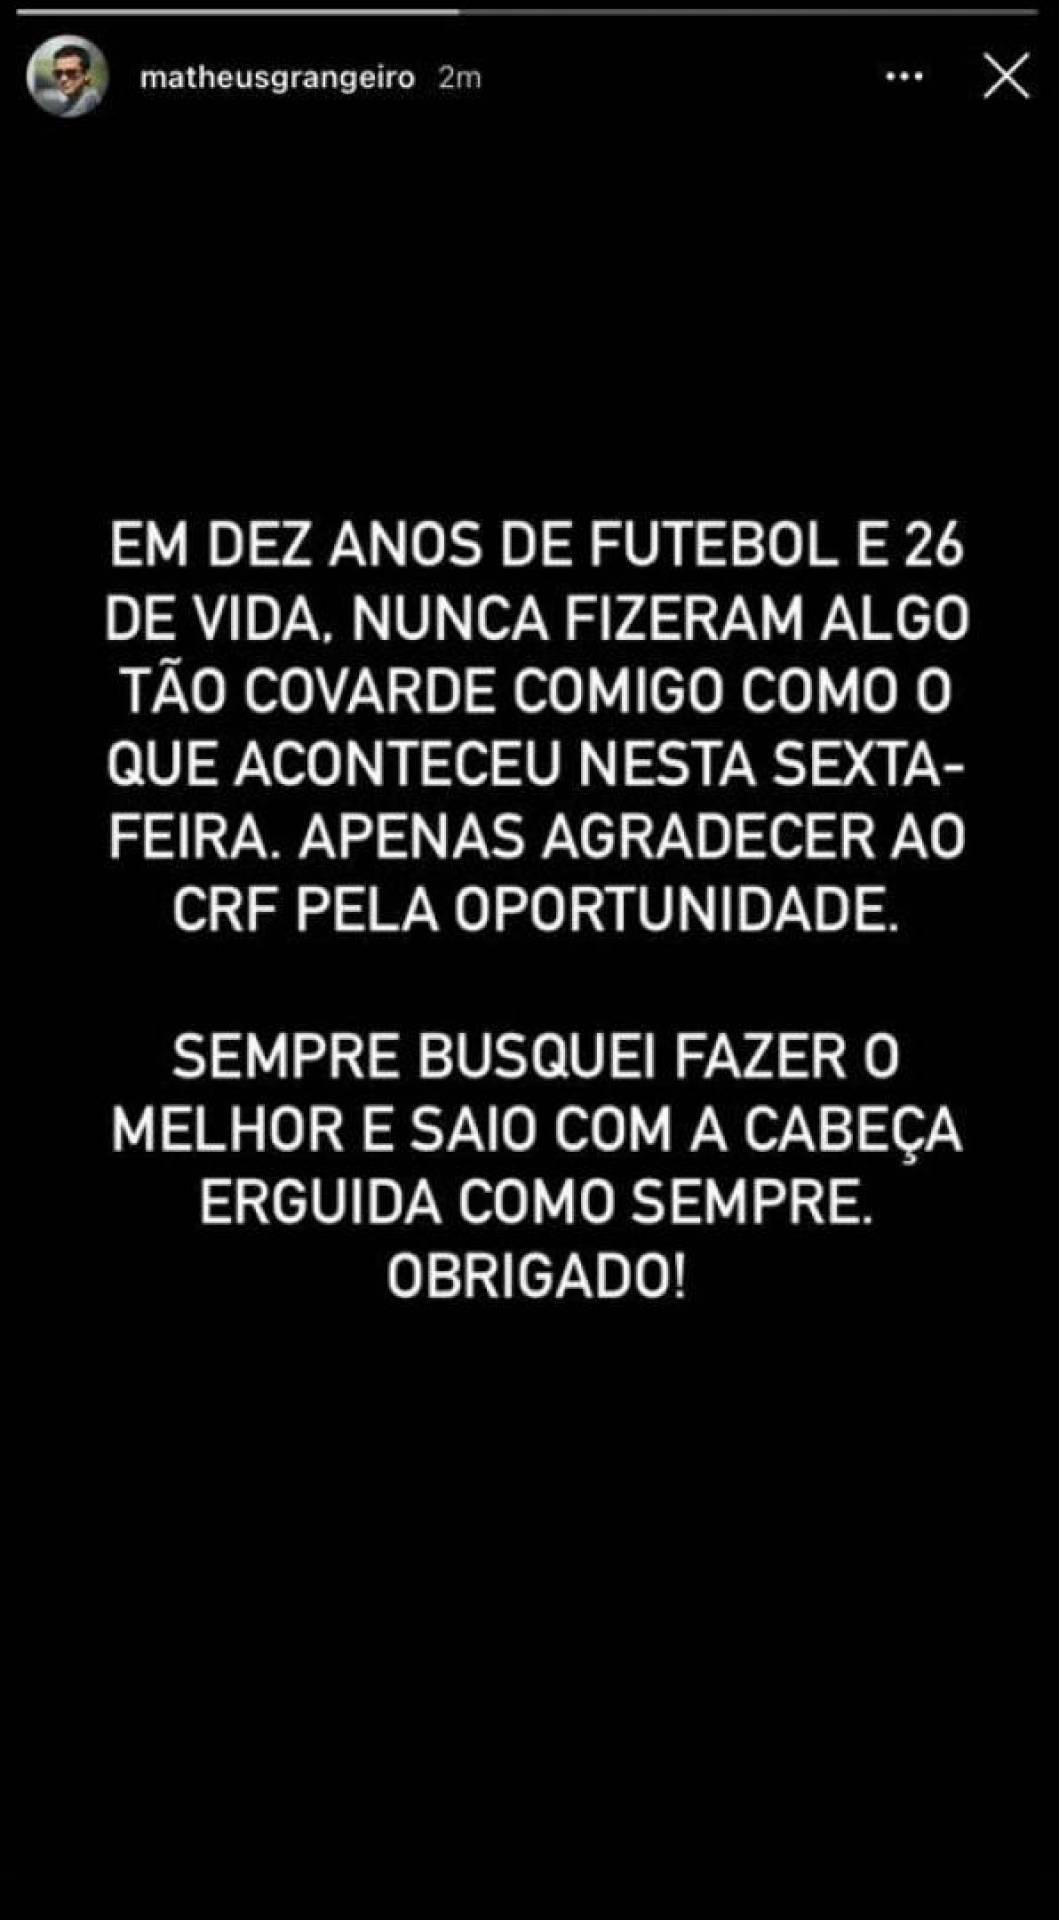 O funcionário que o Flamengo demitiu tratou de reagir. Atitude 'covarde'